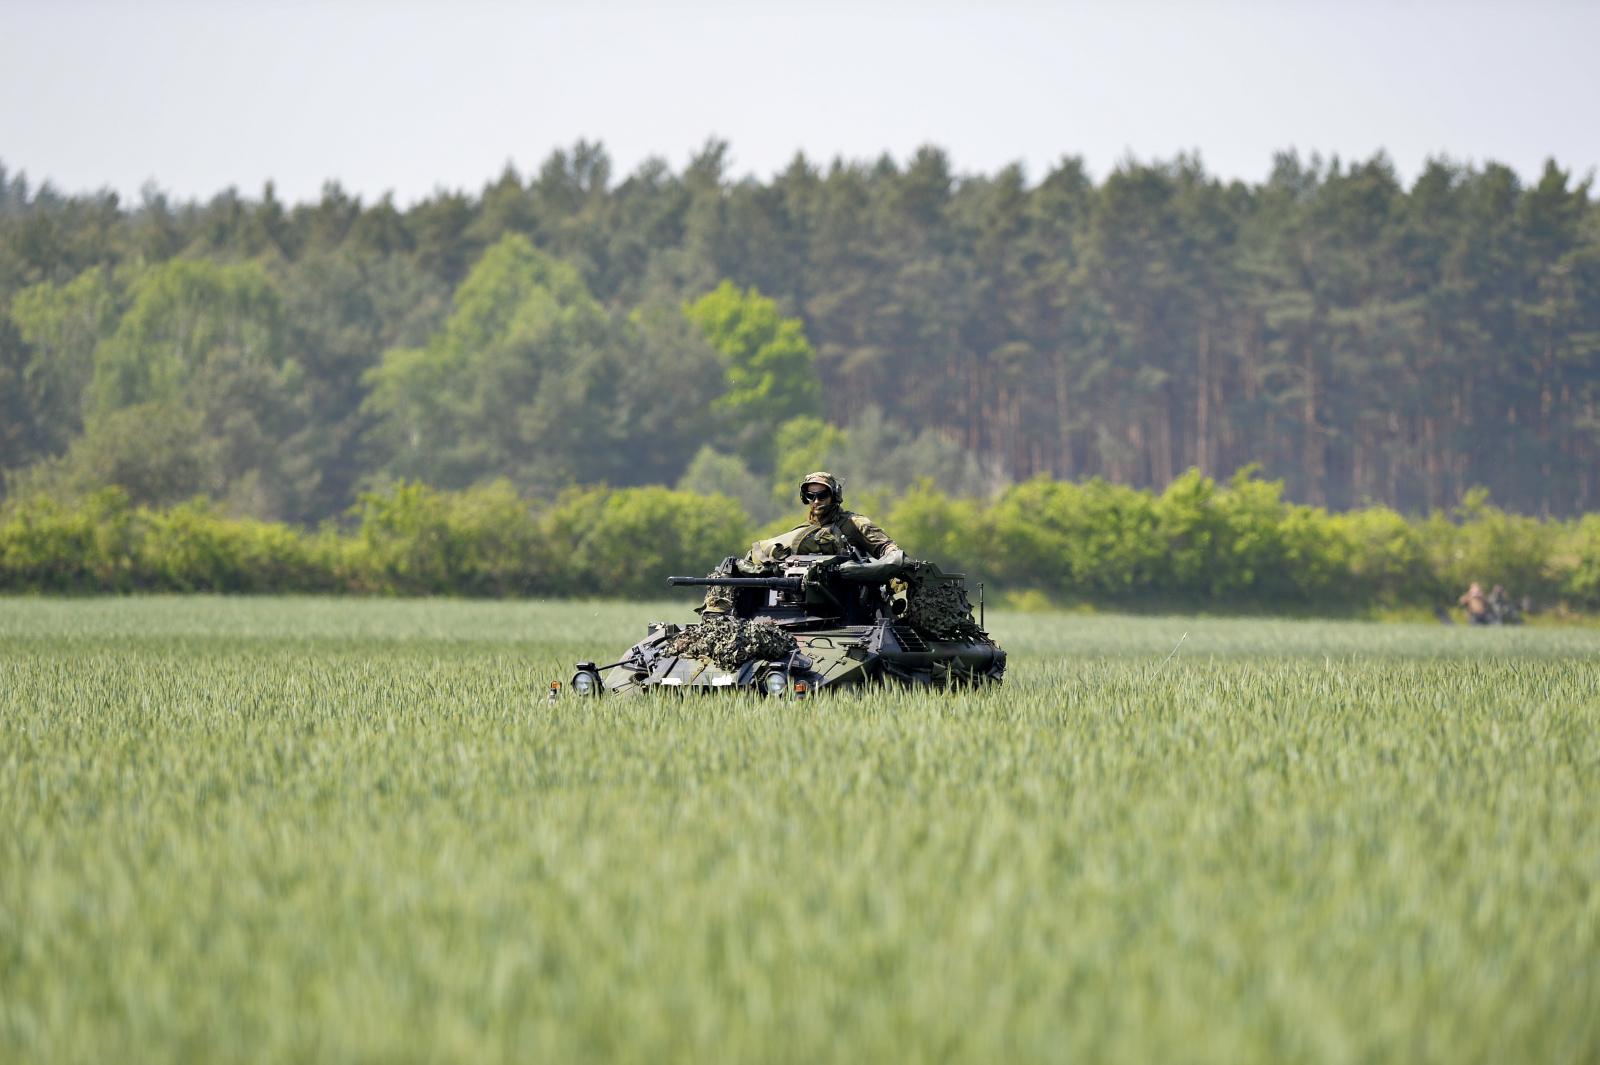 Jadący przez pole czołg w trakcie ćwiczeń niemieckiej armii. Fot. PAP/EPA/KARSTEN KLAMA